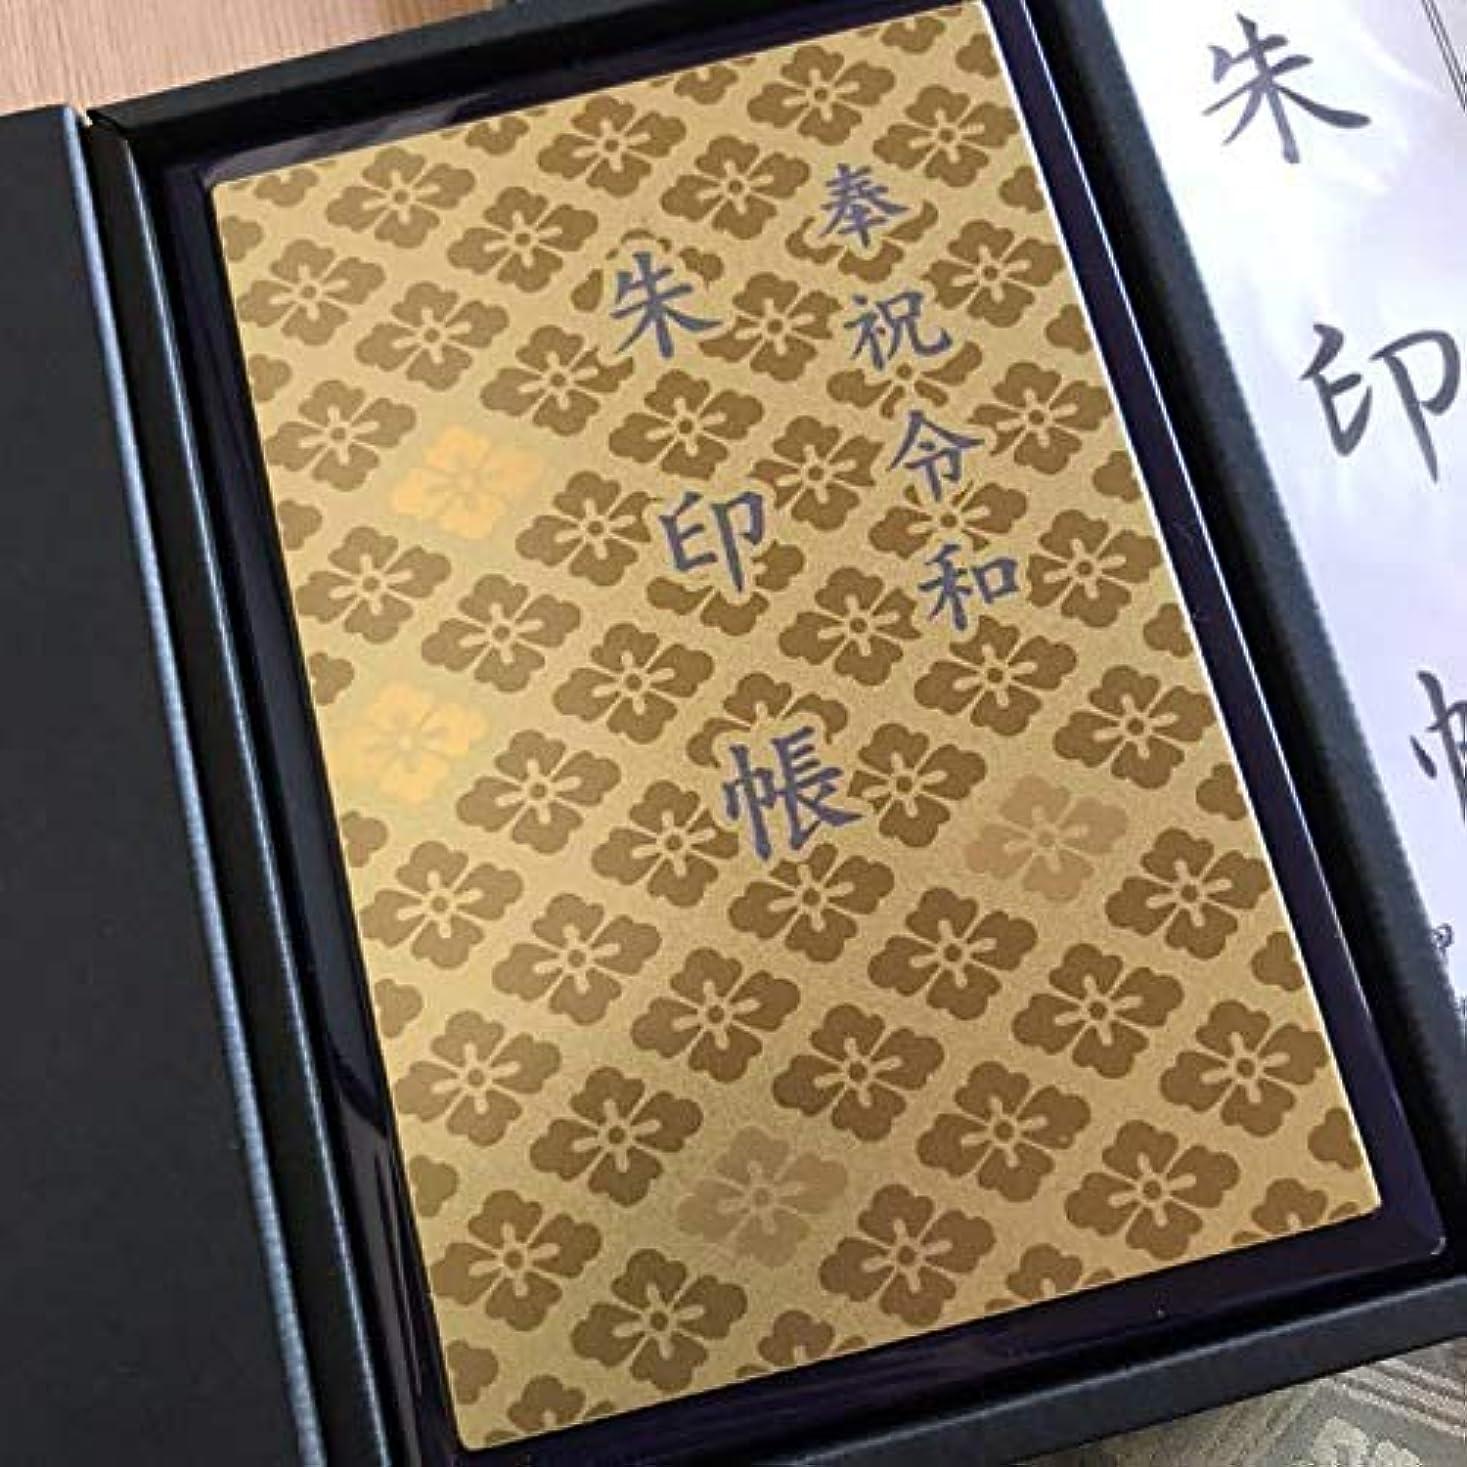 滑るロッジファセット【奉祝令和】完売品 伊勢神宮 御朱印帳 貴重